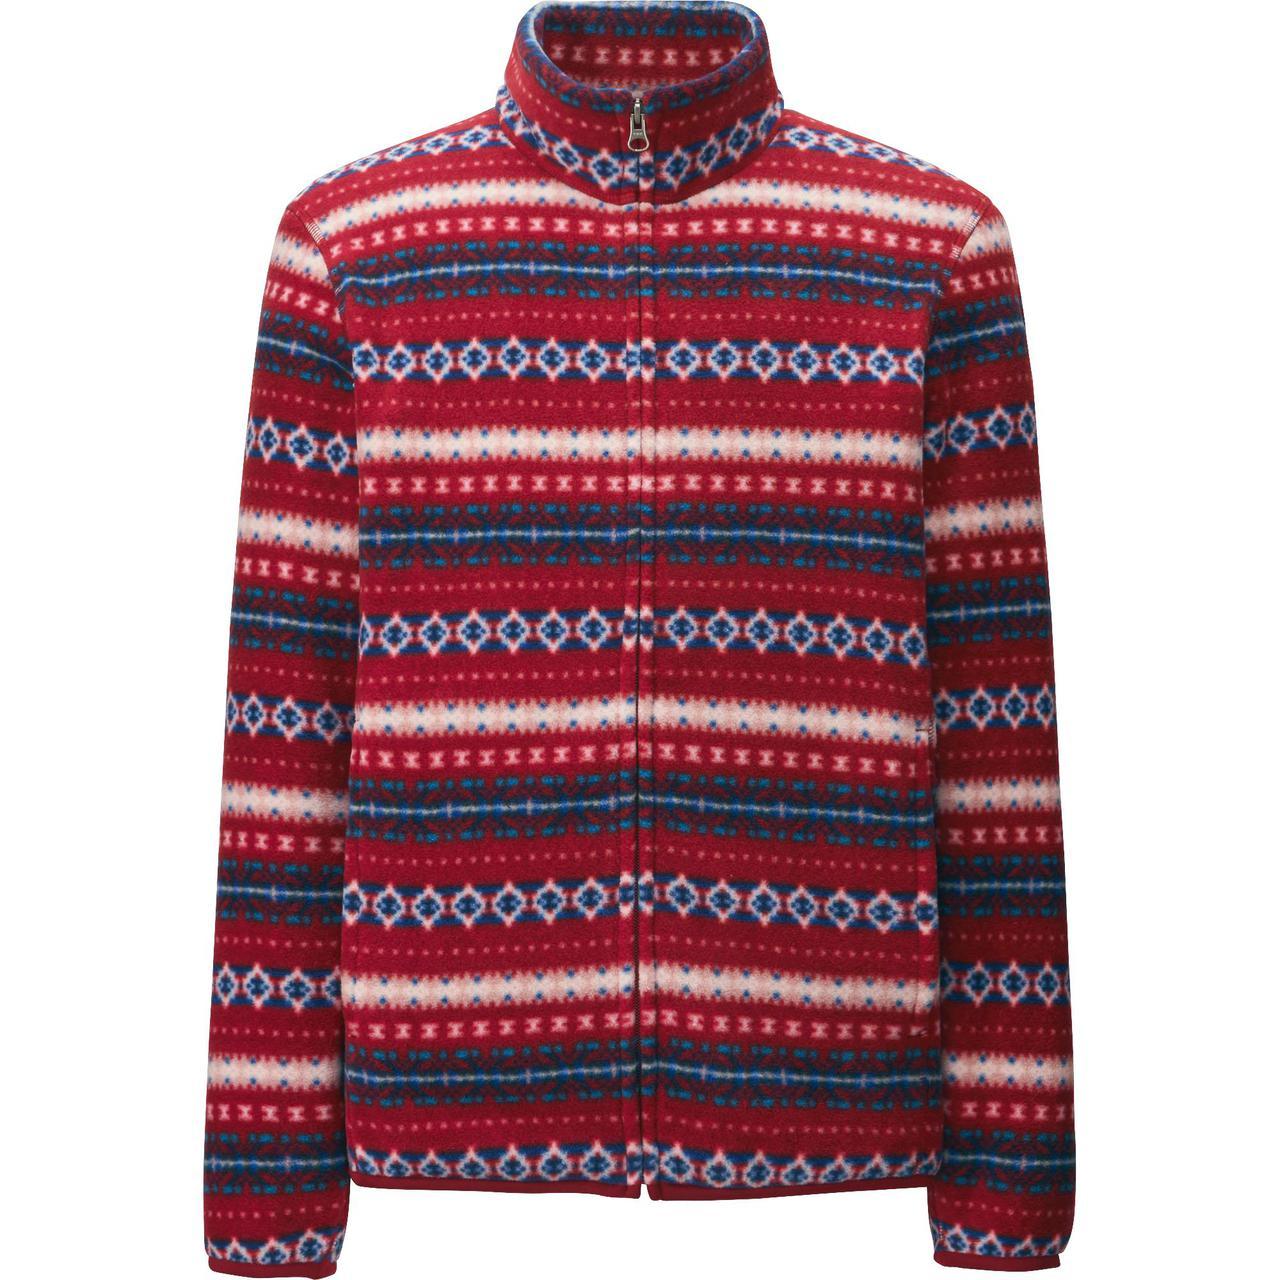 Кофта Uniqlo Men Printed Fleece Full-Zip Jacket Red